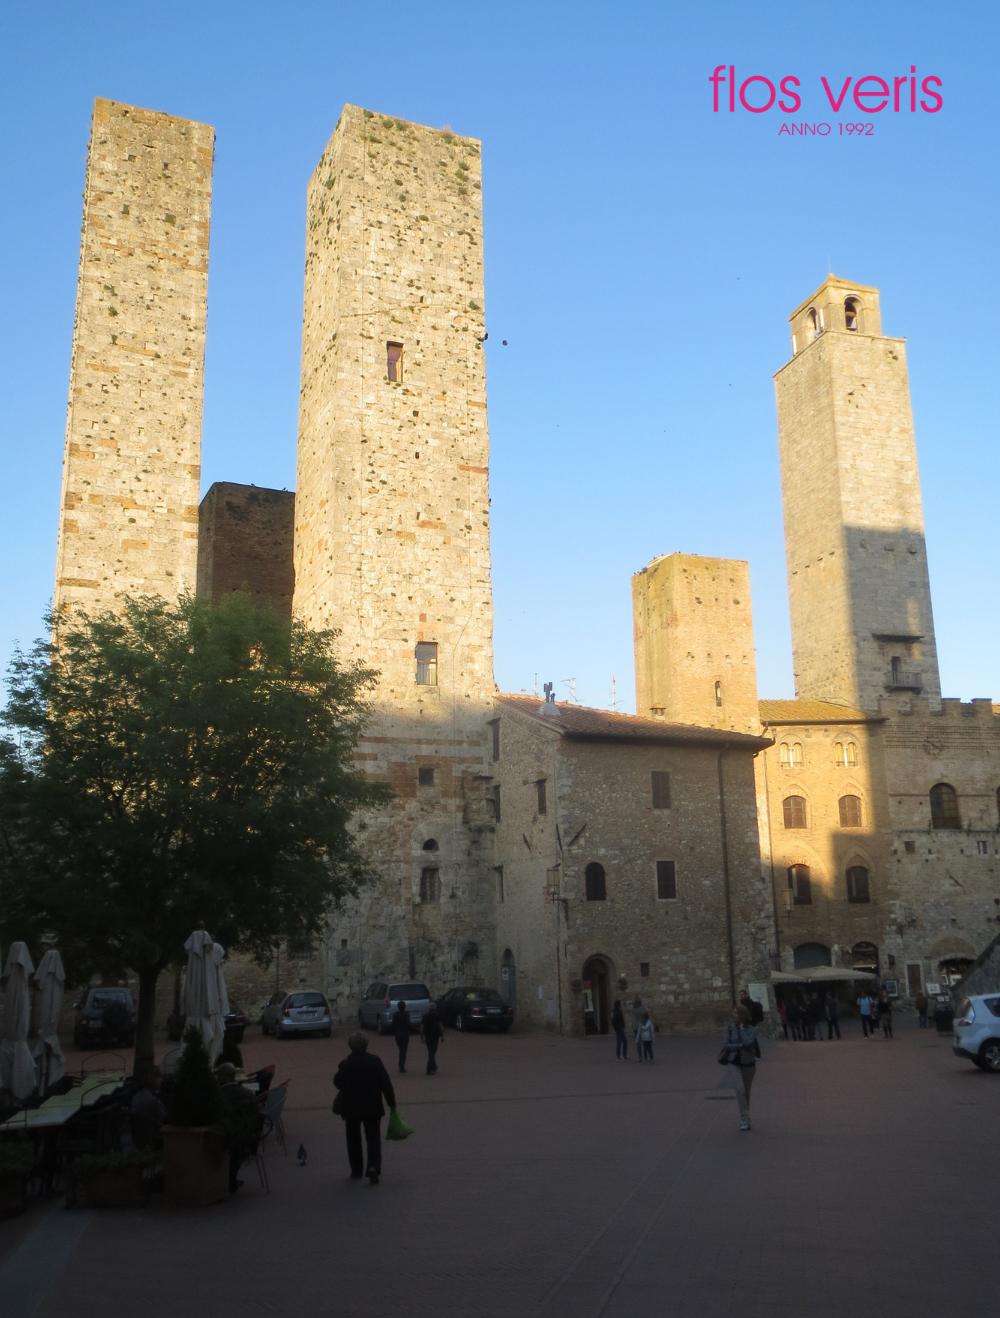 Flosveris.lt Italijoje renkamės medžiagas naujai kolekcijai San Gimignano